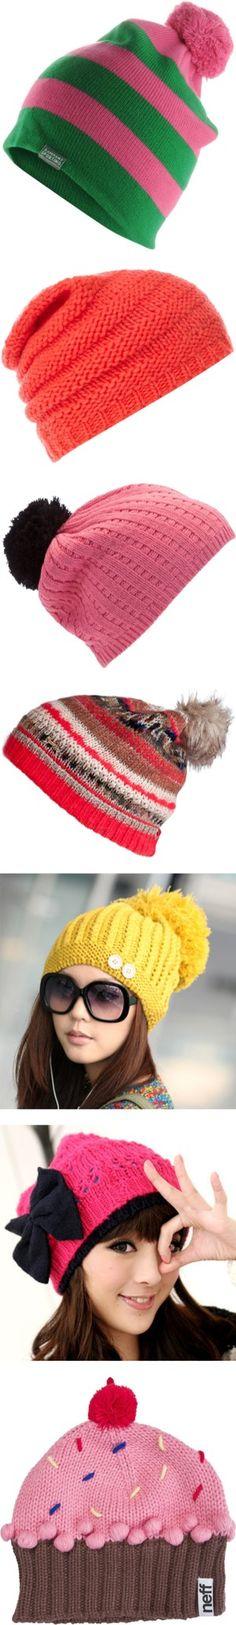 Retro LOS ANGELES Bobble Hat 80s Vtg Style US USA LA Beanie Pompom 2 Colours